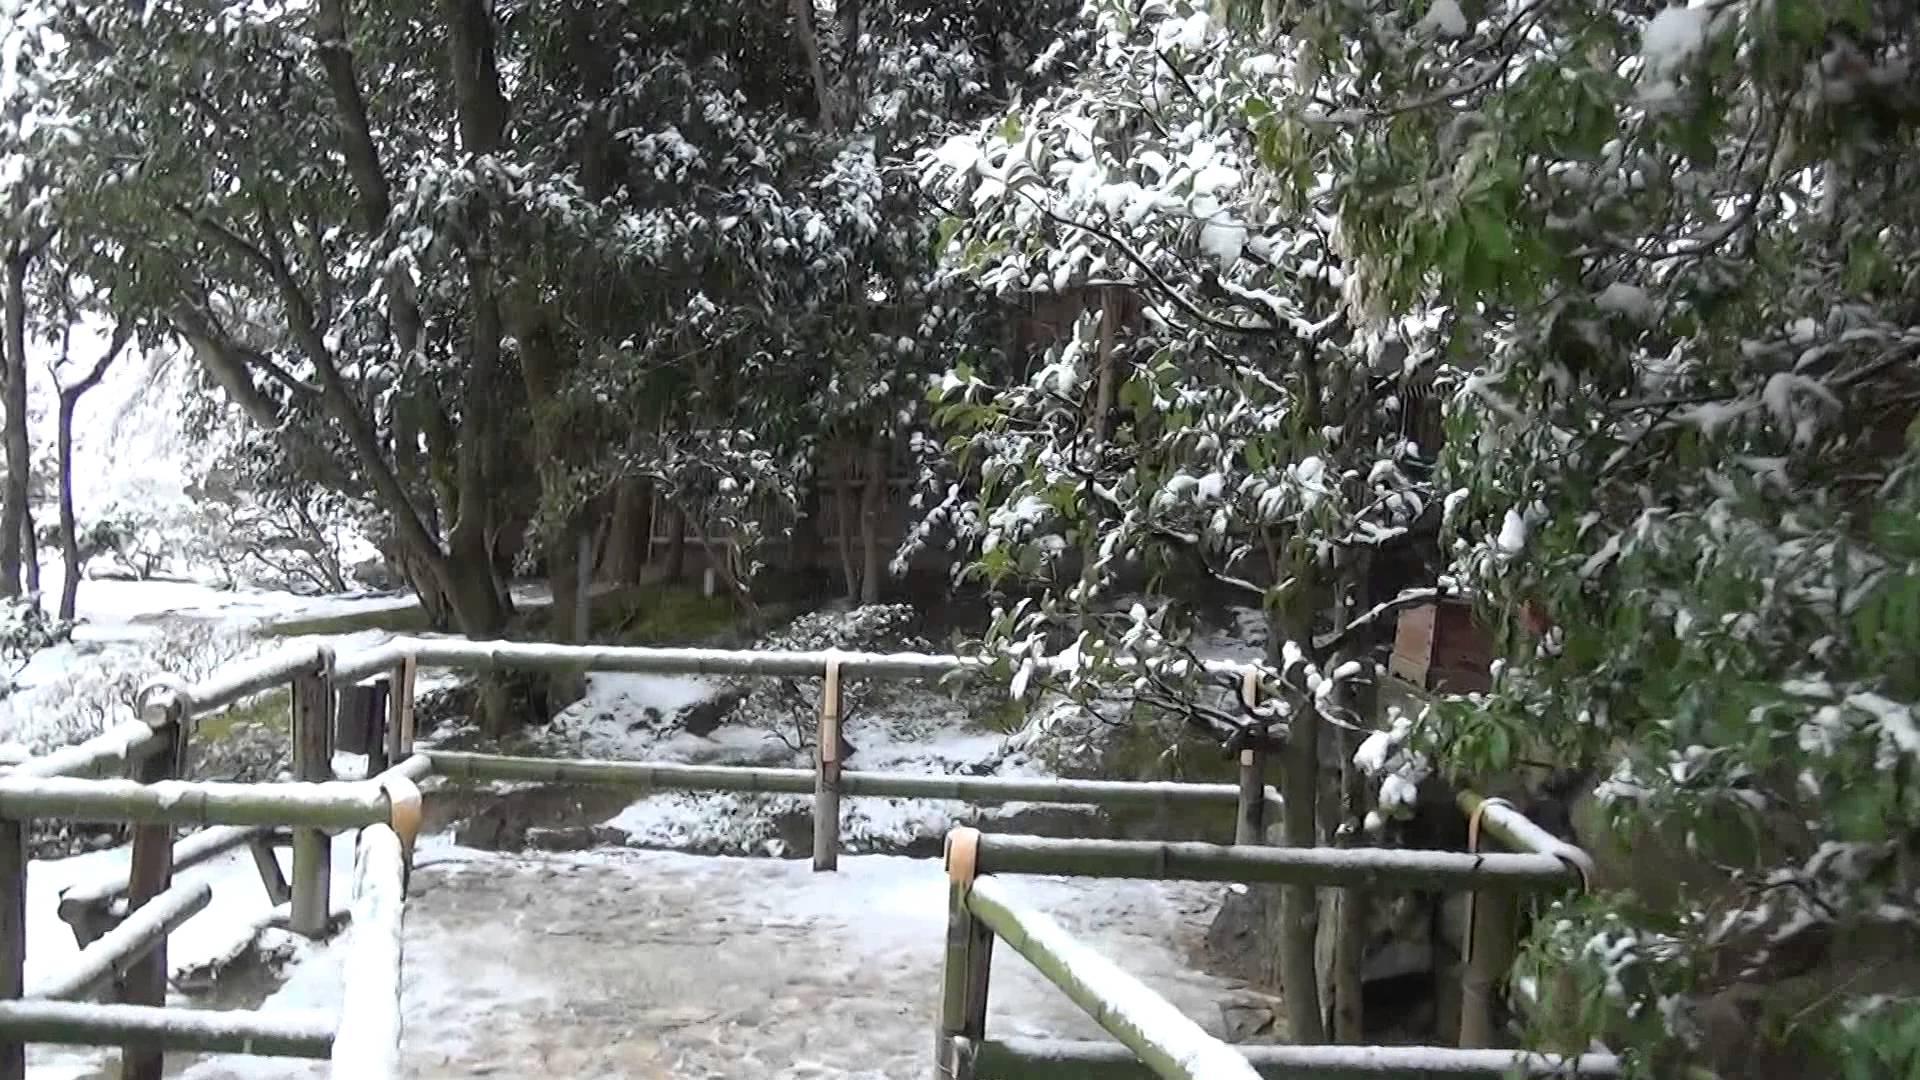 銀閣寺にある弁財天と抹茶ミルクのかき氷を連想させる雪と苔